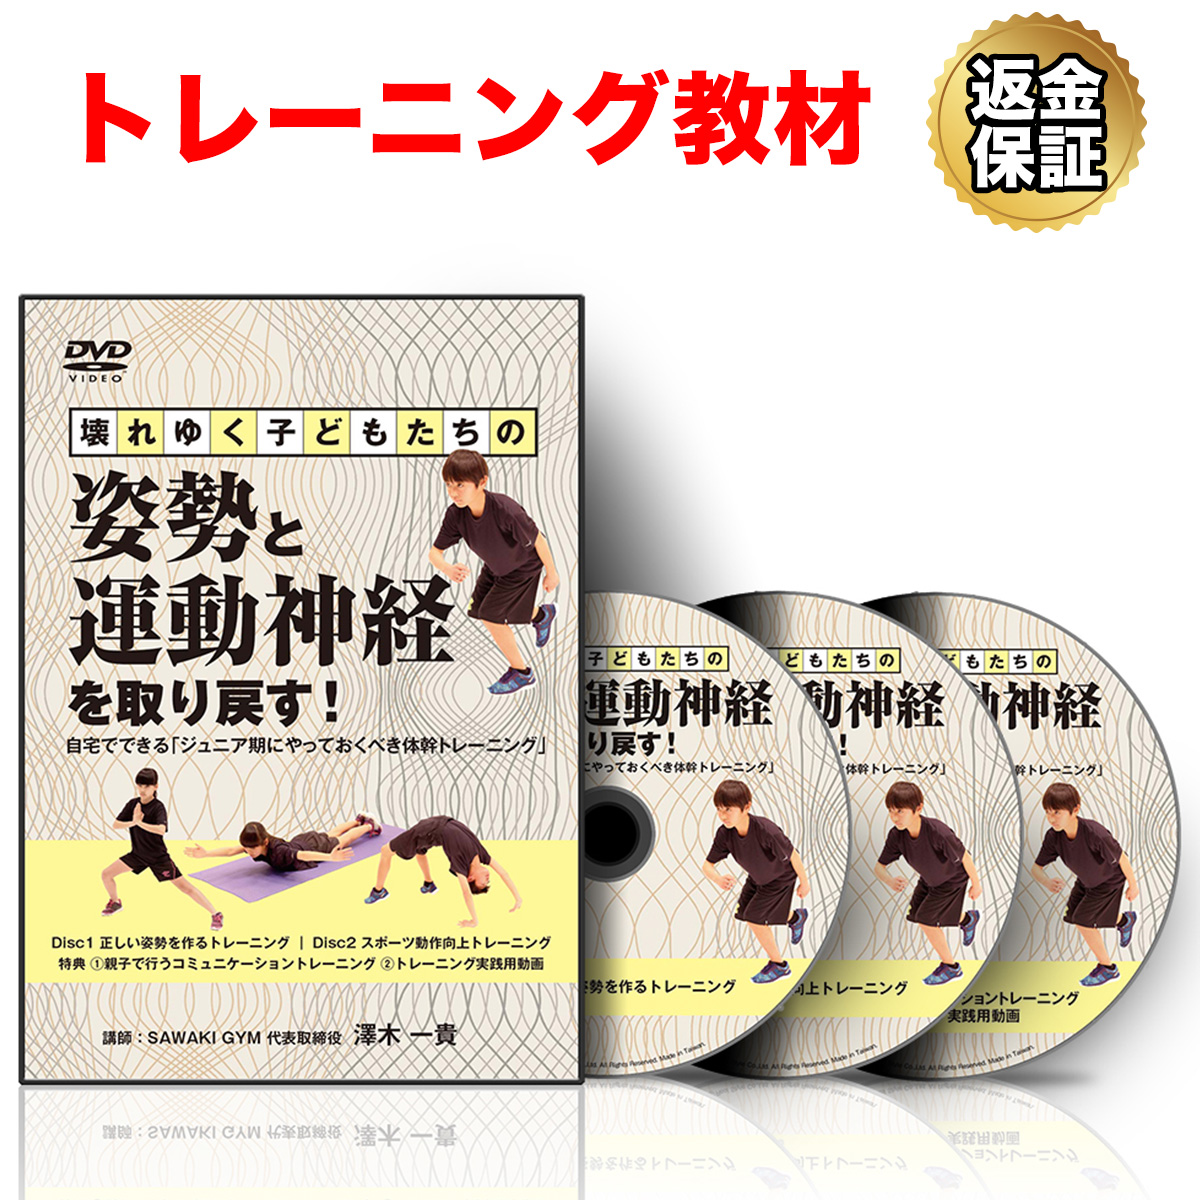 トレーニング 教材 DVD 壊れゆく子どもたちの姿勢と運動神経を取り戻す!~自宅でできる「ジュニア期にやっておくべき体幹トレーニング」